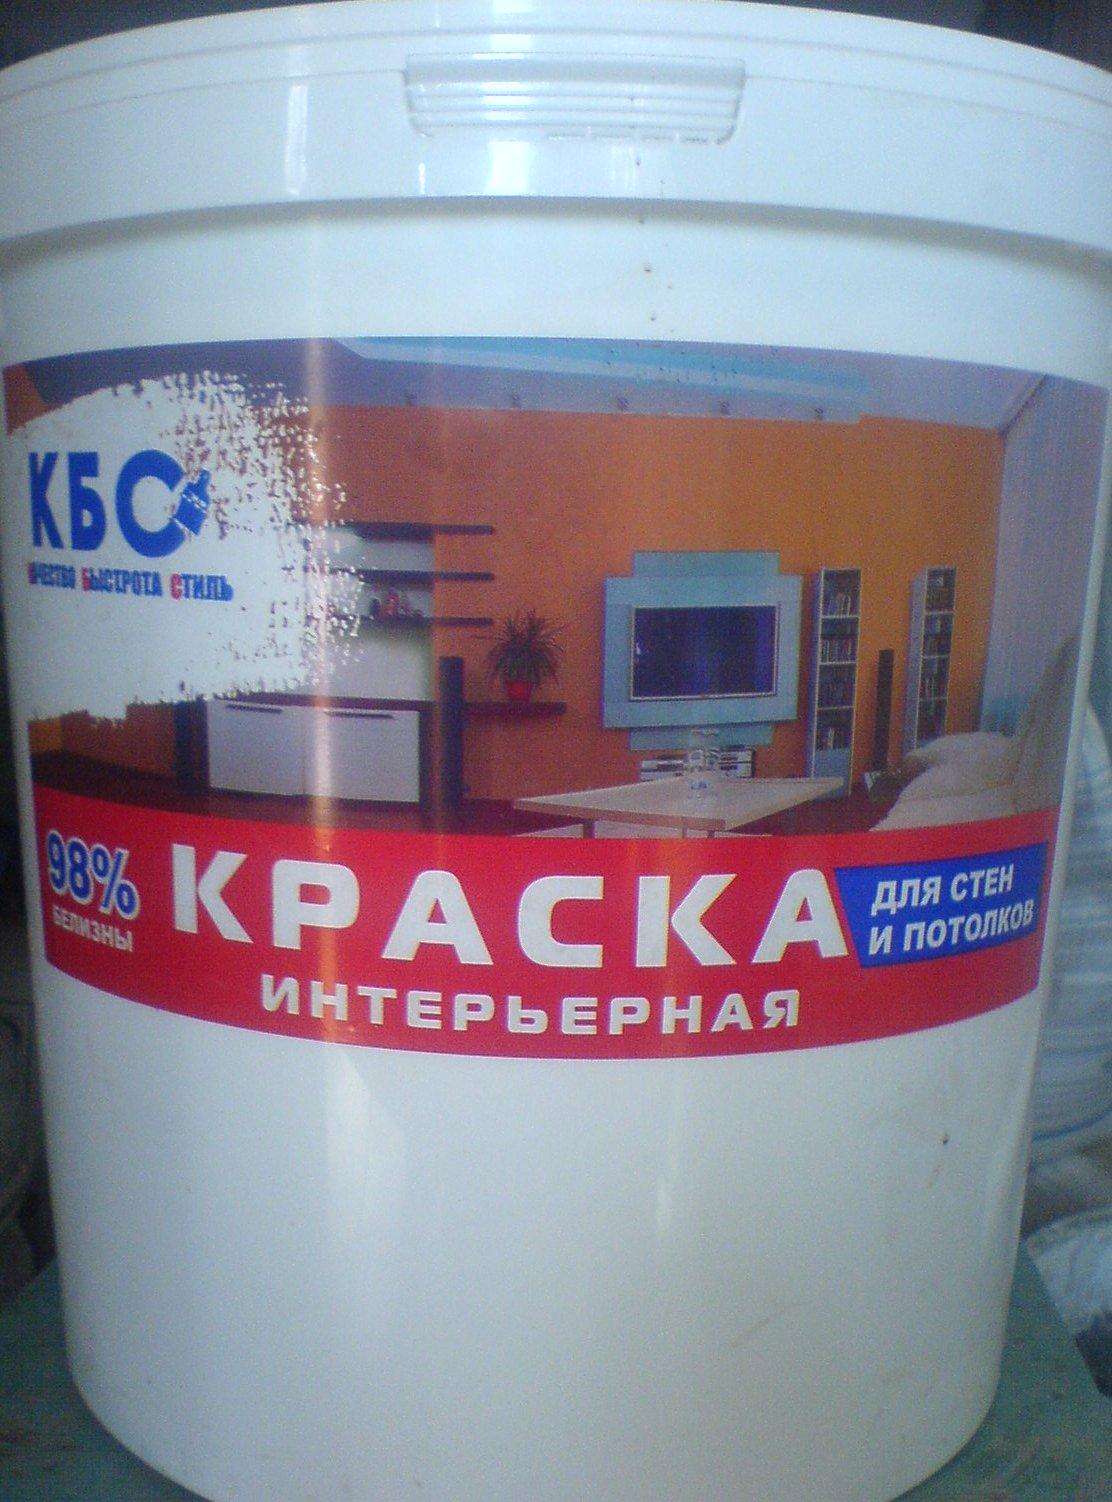 """Краска в/э """"Интерьерная"""" для стен и потолков, ведро 40кг"""